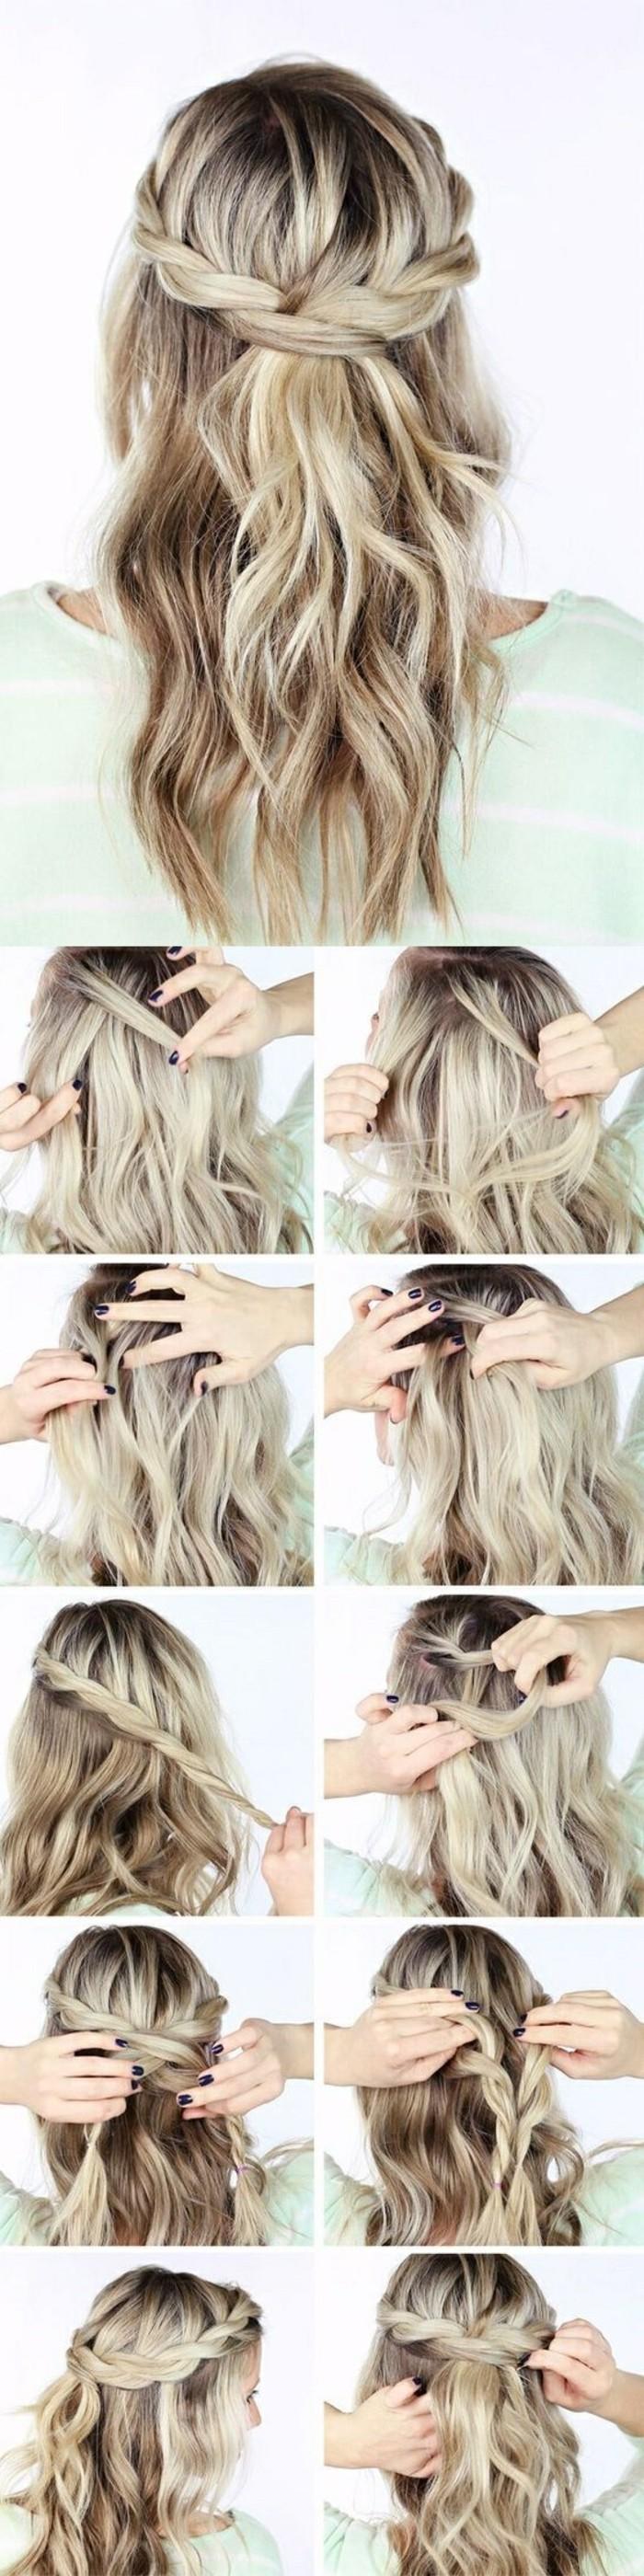 Acconciature semplici capelli lunghi, capelli di colore biondo, treccia a corona